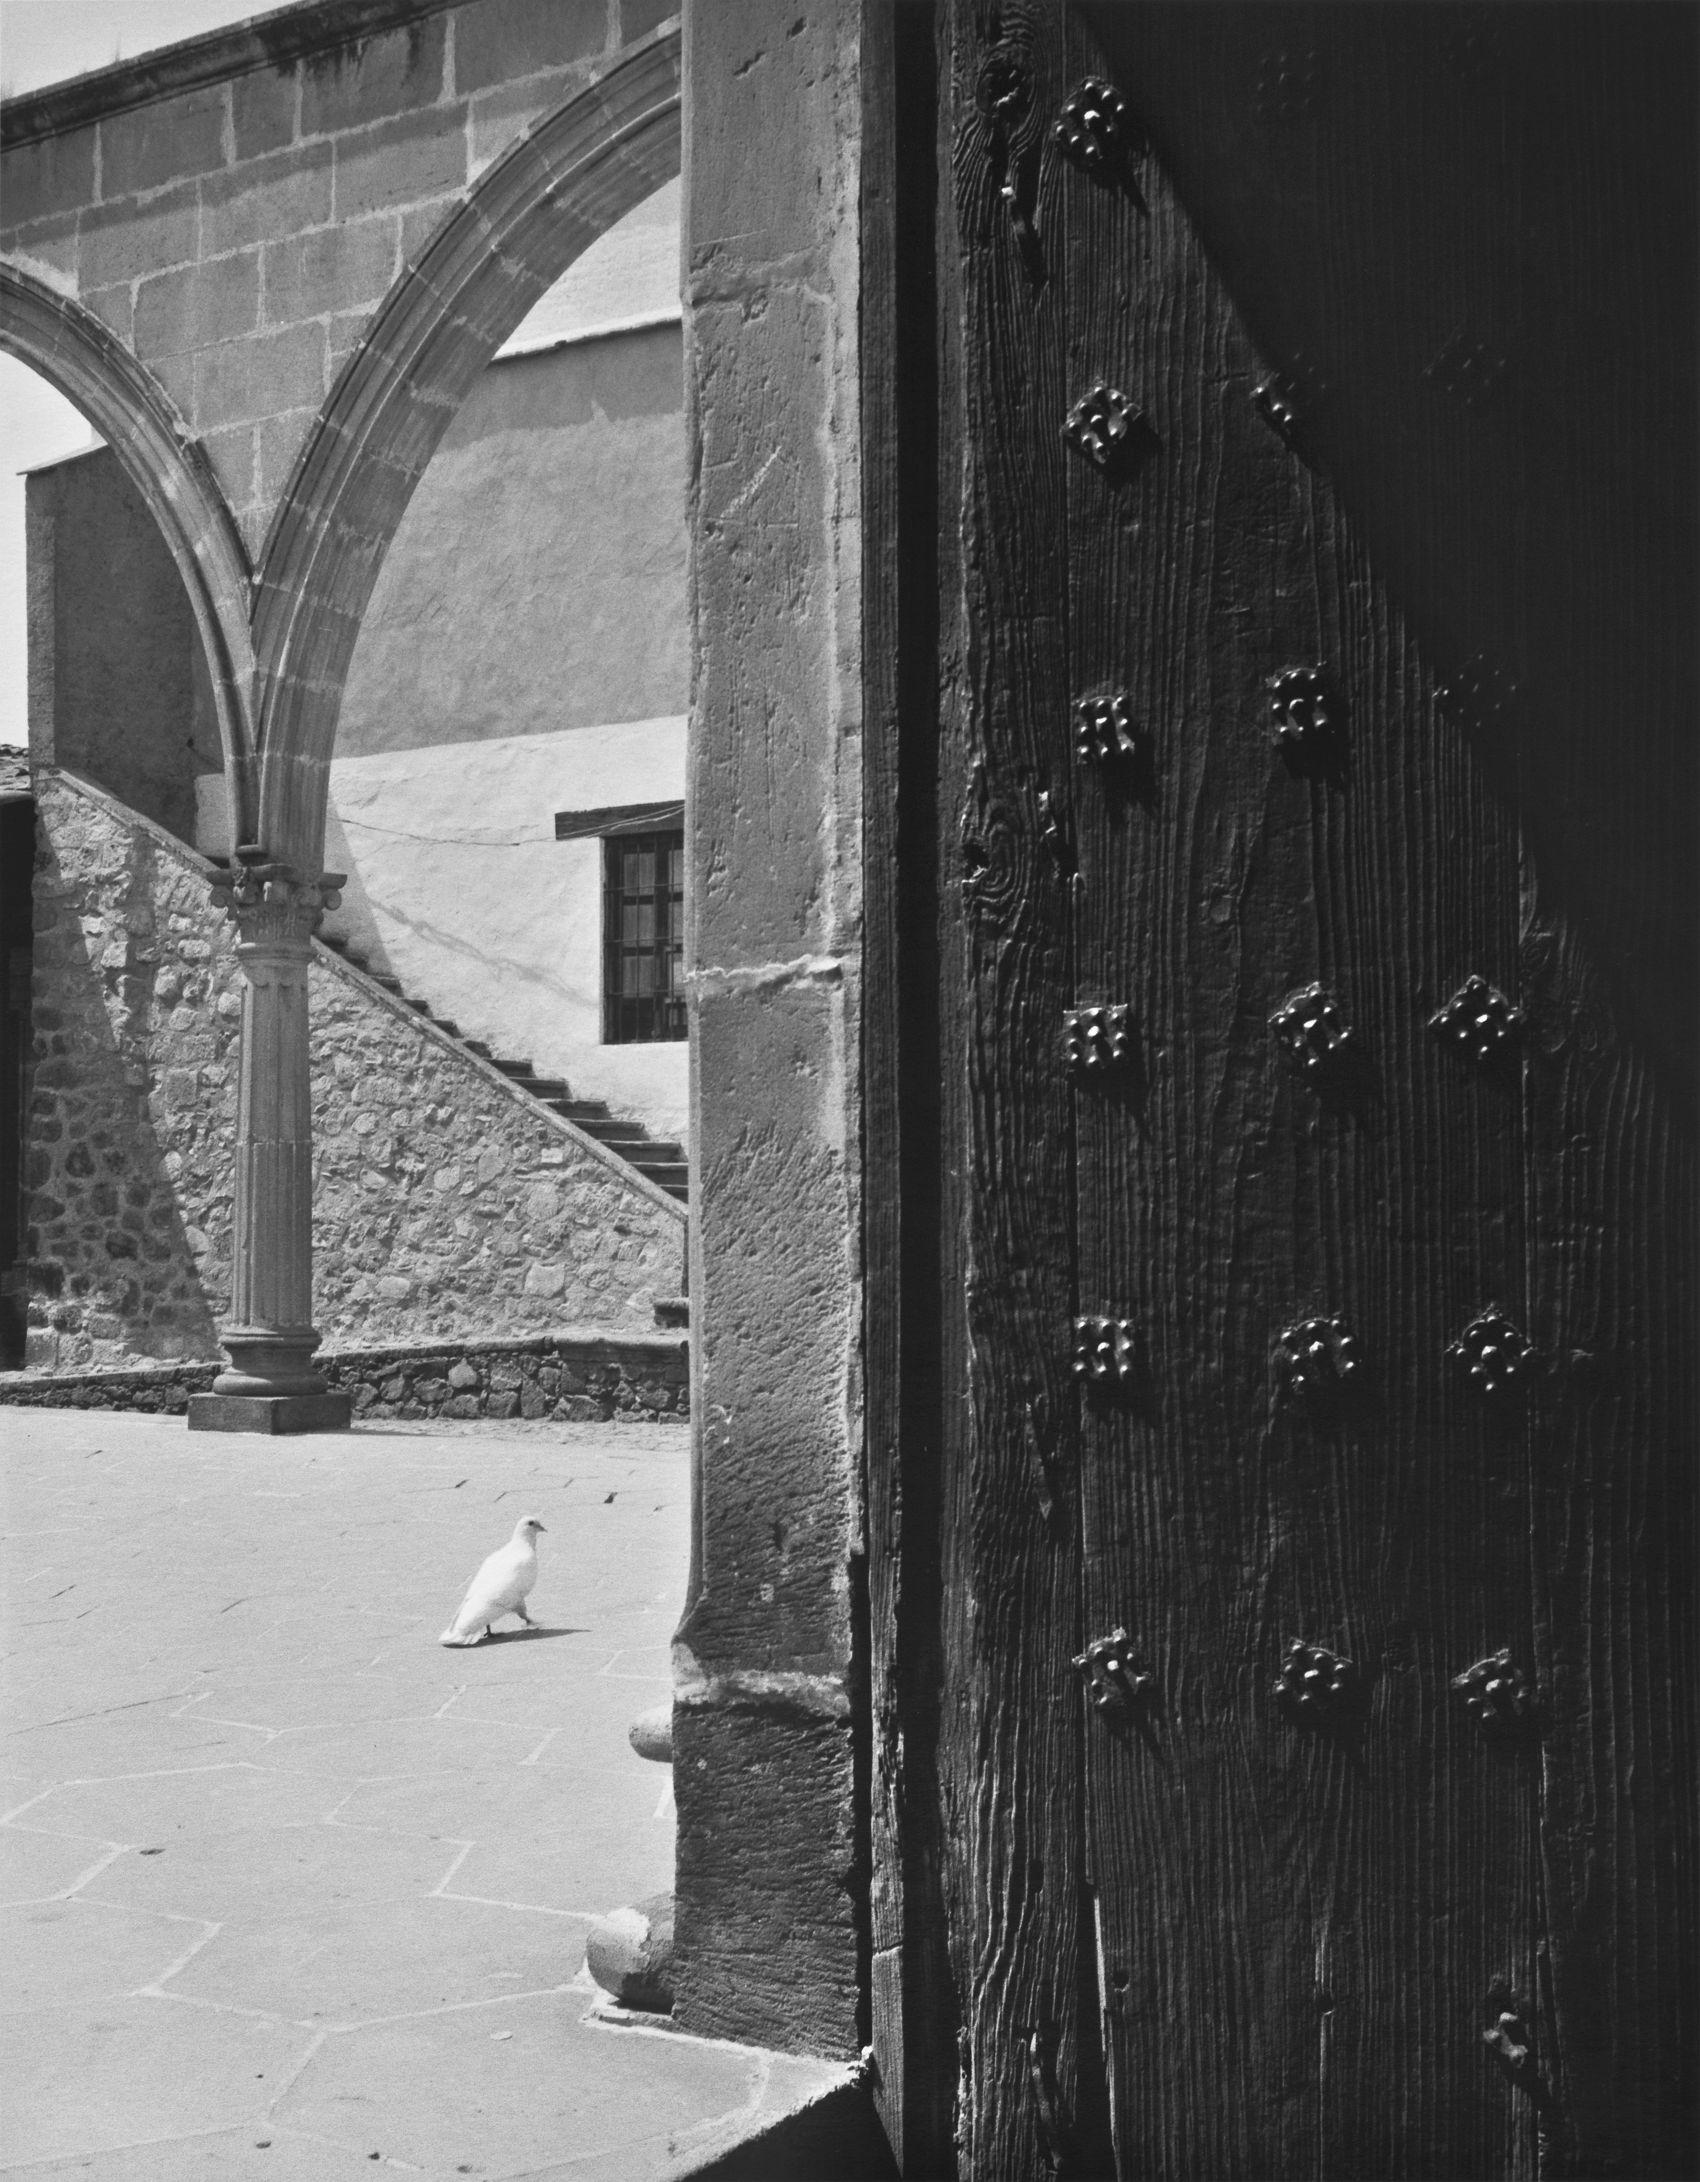 11th Courtyard, Patzcauro